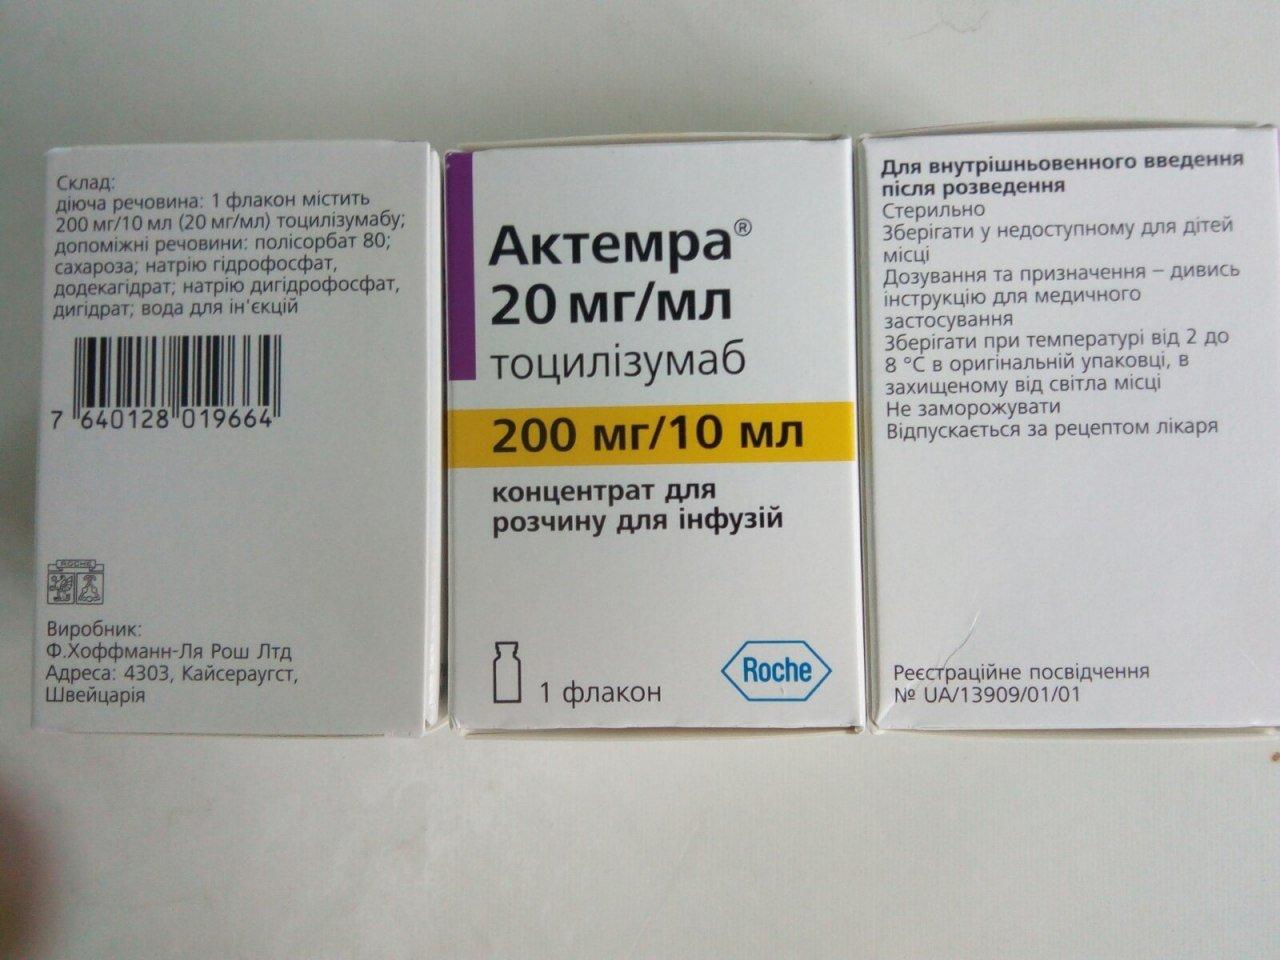 БФ «Бізнес - місту» передав лікарні у Сумах препарати для лікуванні COVID-19, фото-1